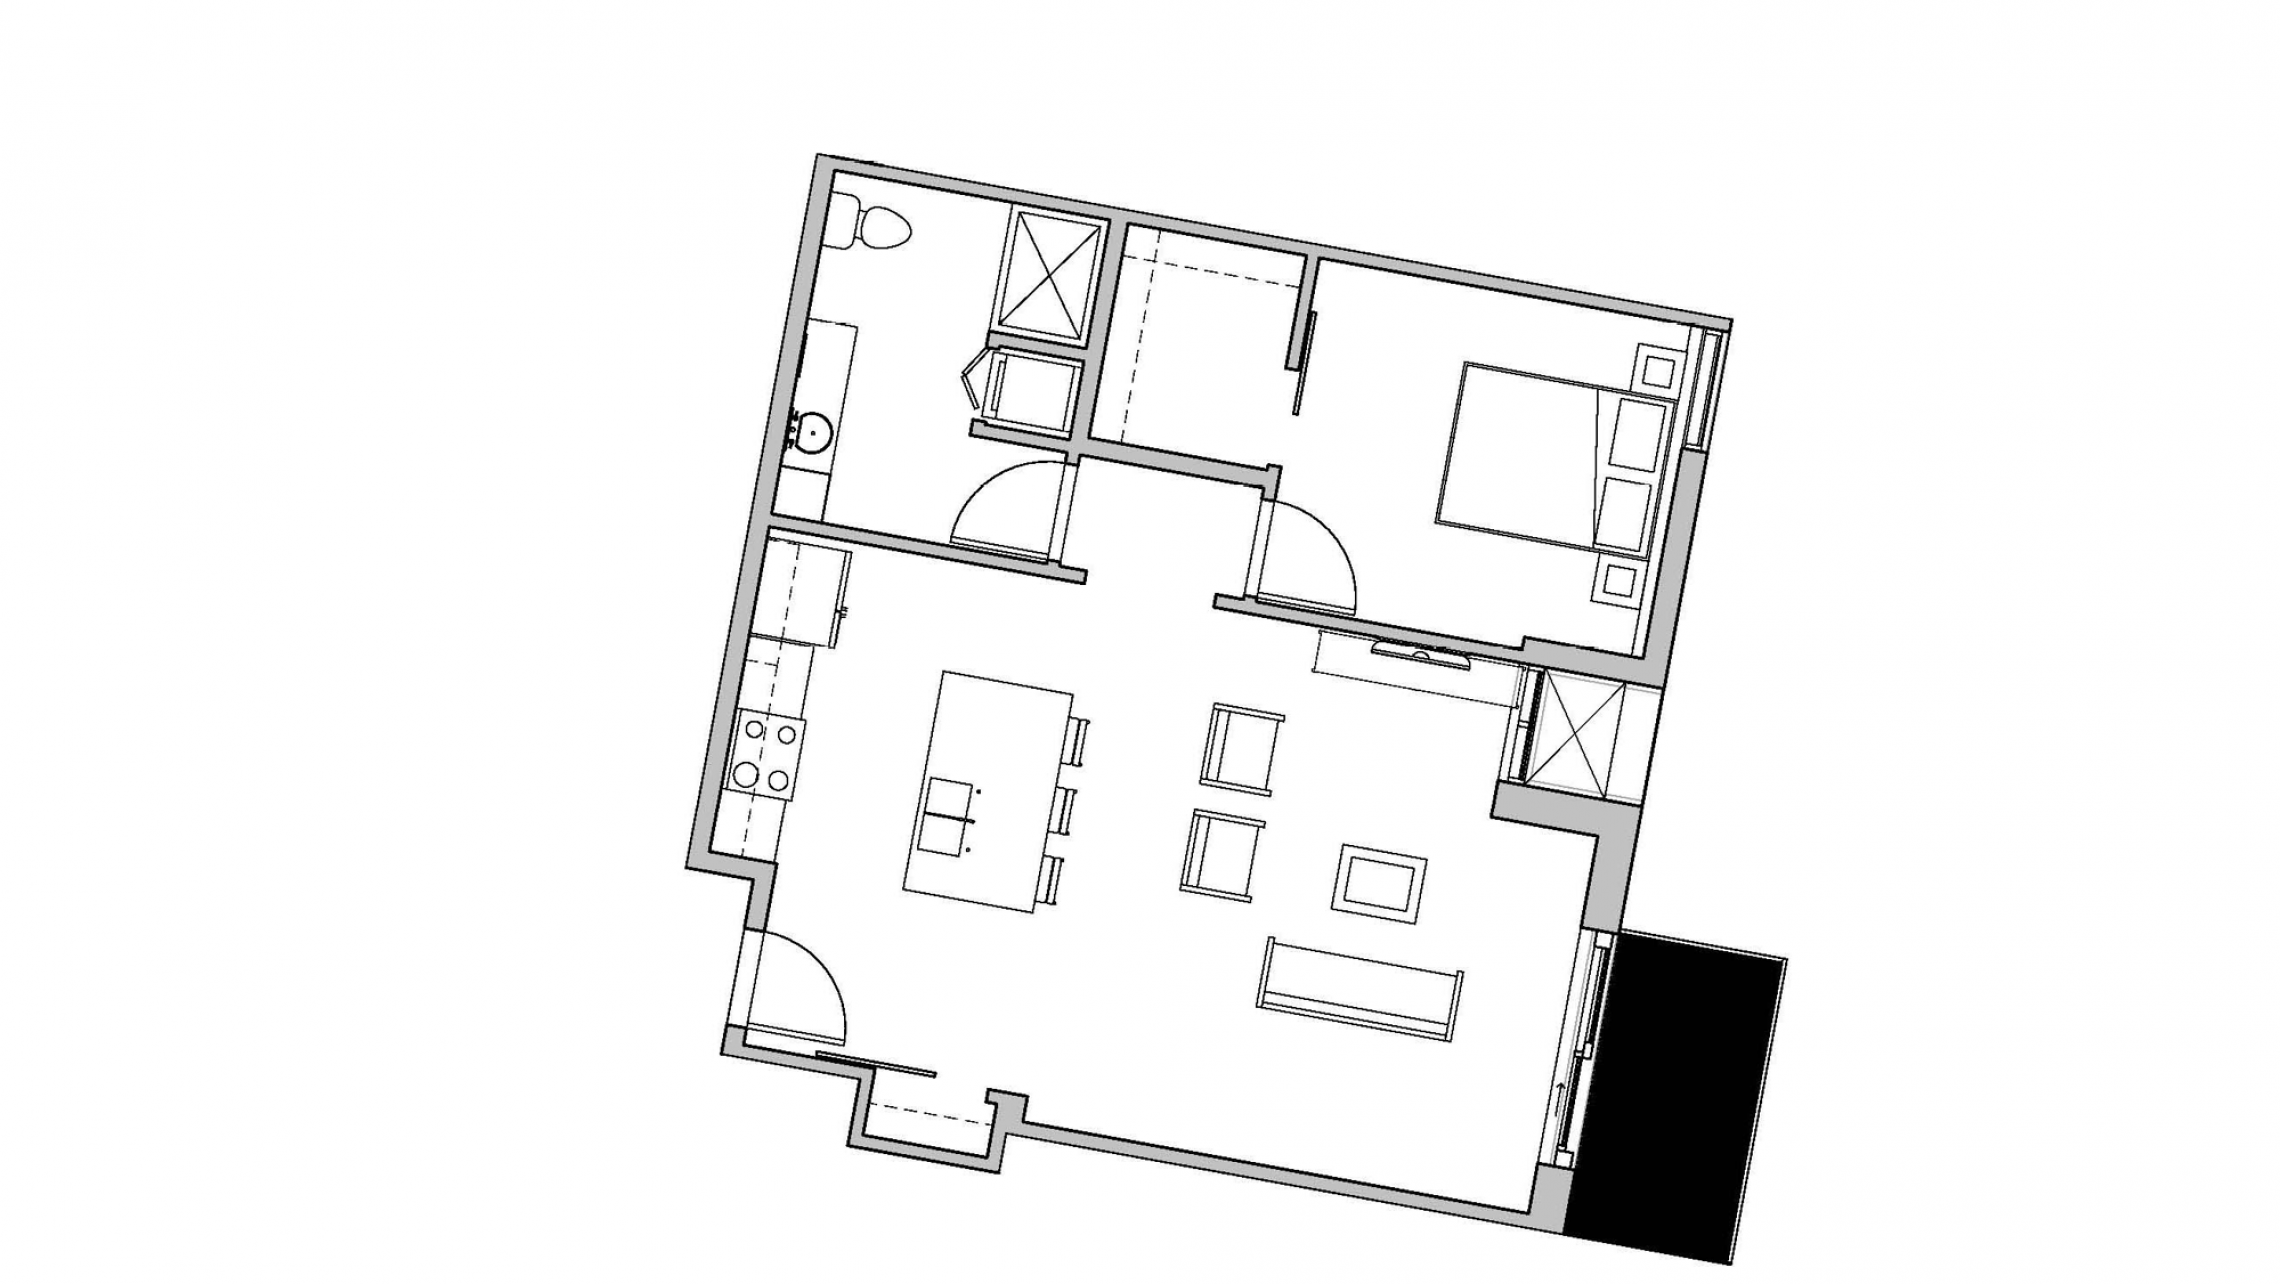 ULI Seven27 426 - One Bedroom, One Bathroom